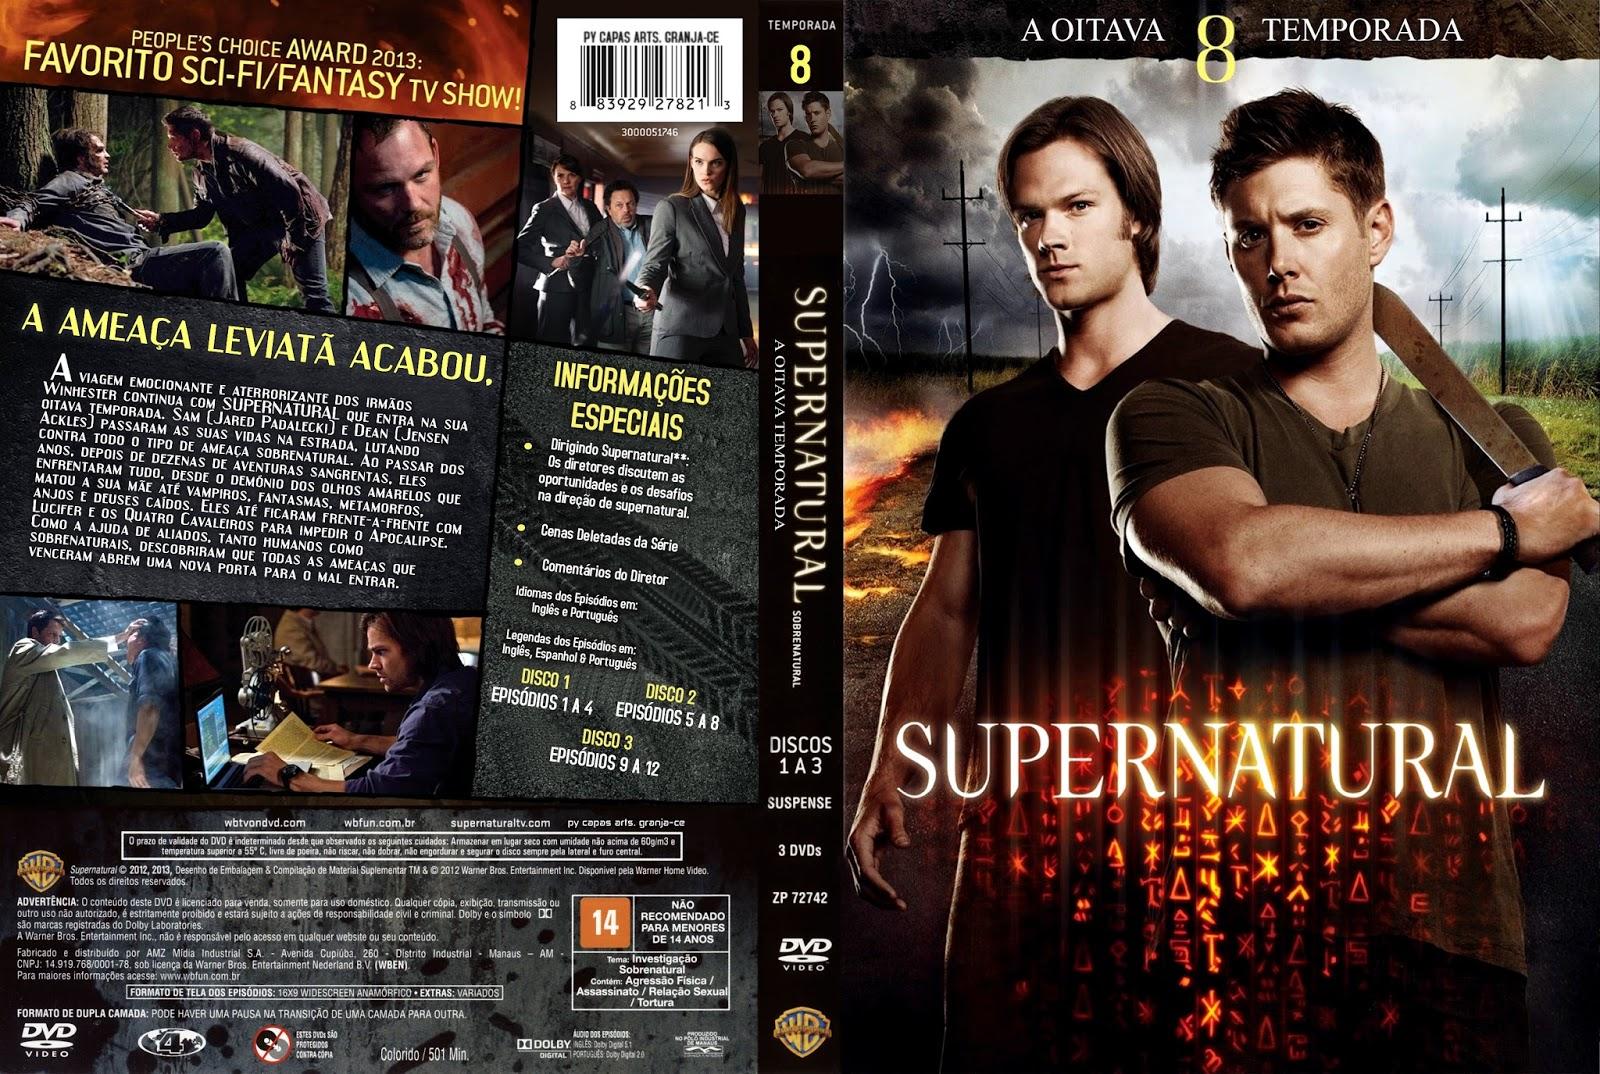 Resultado de imagem para supernatural 8 temporada